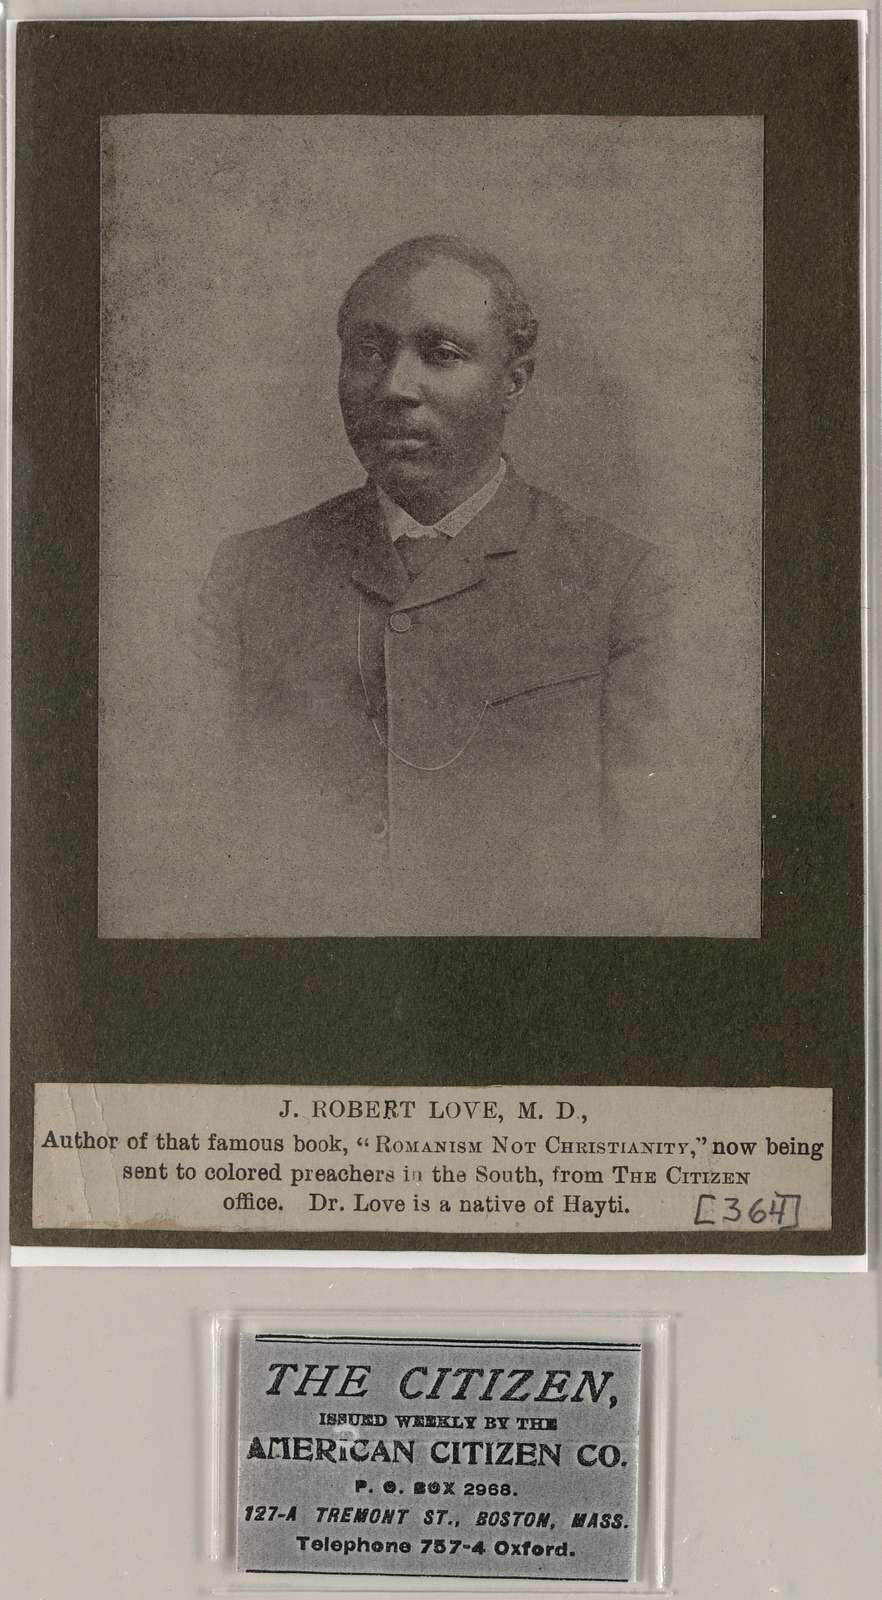 J. Robert Love, M.D.,